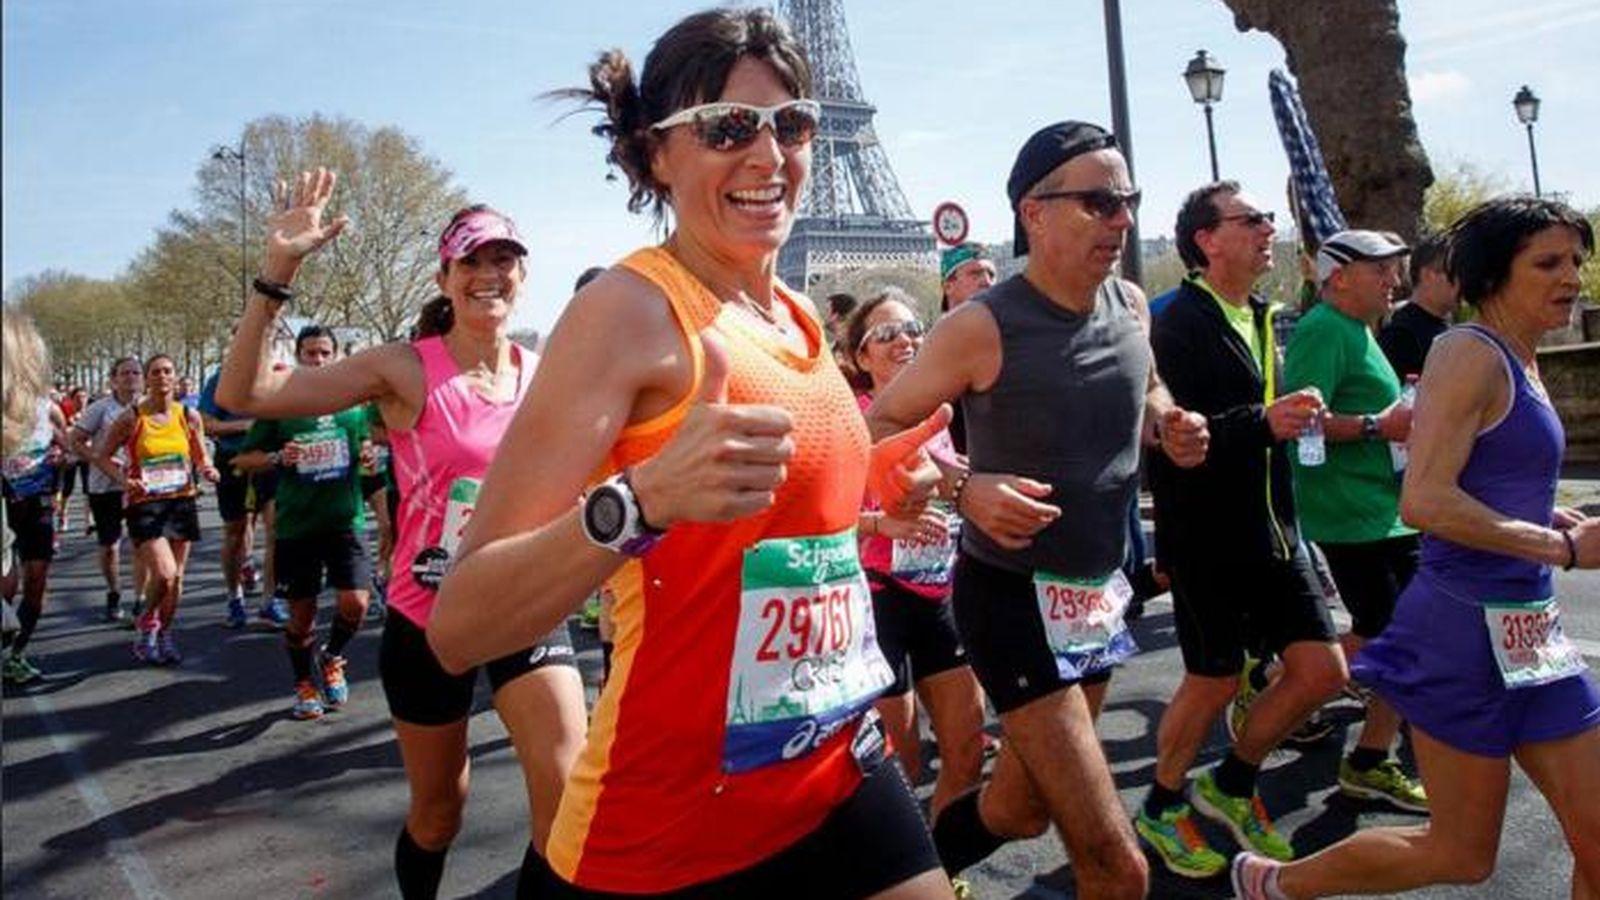 Foto: Cristina Mitre en el maratón de Paris. (Thebeautymail)